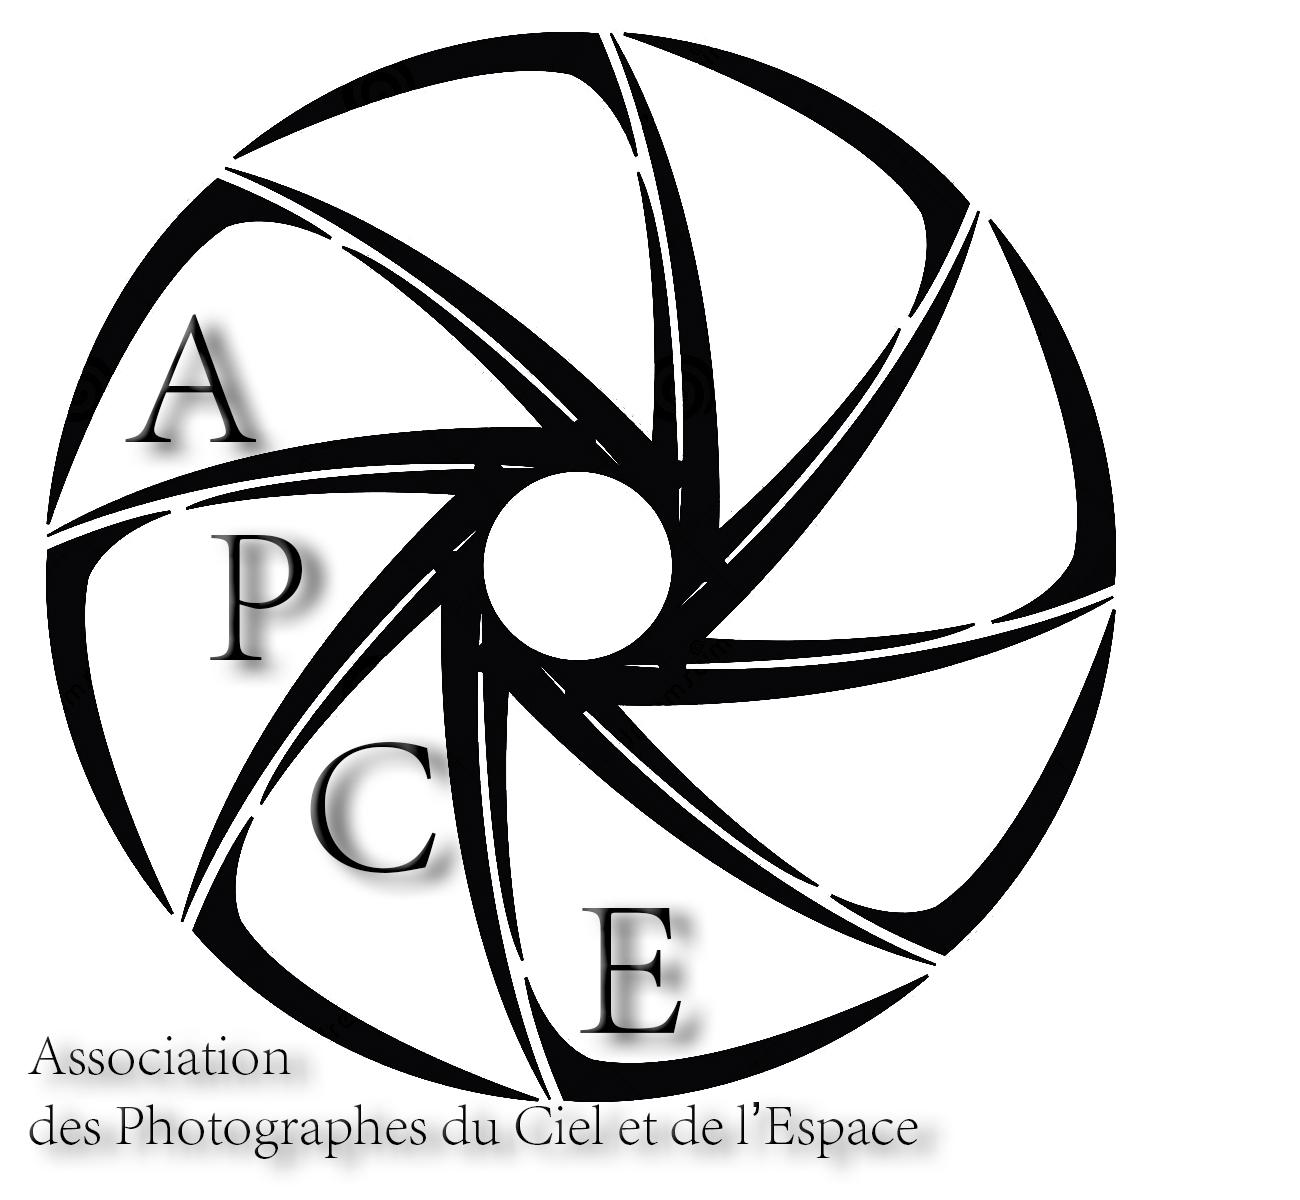 Association - Association des photographes du Ciel et de l'Espace : APCE